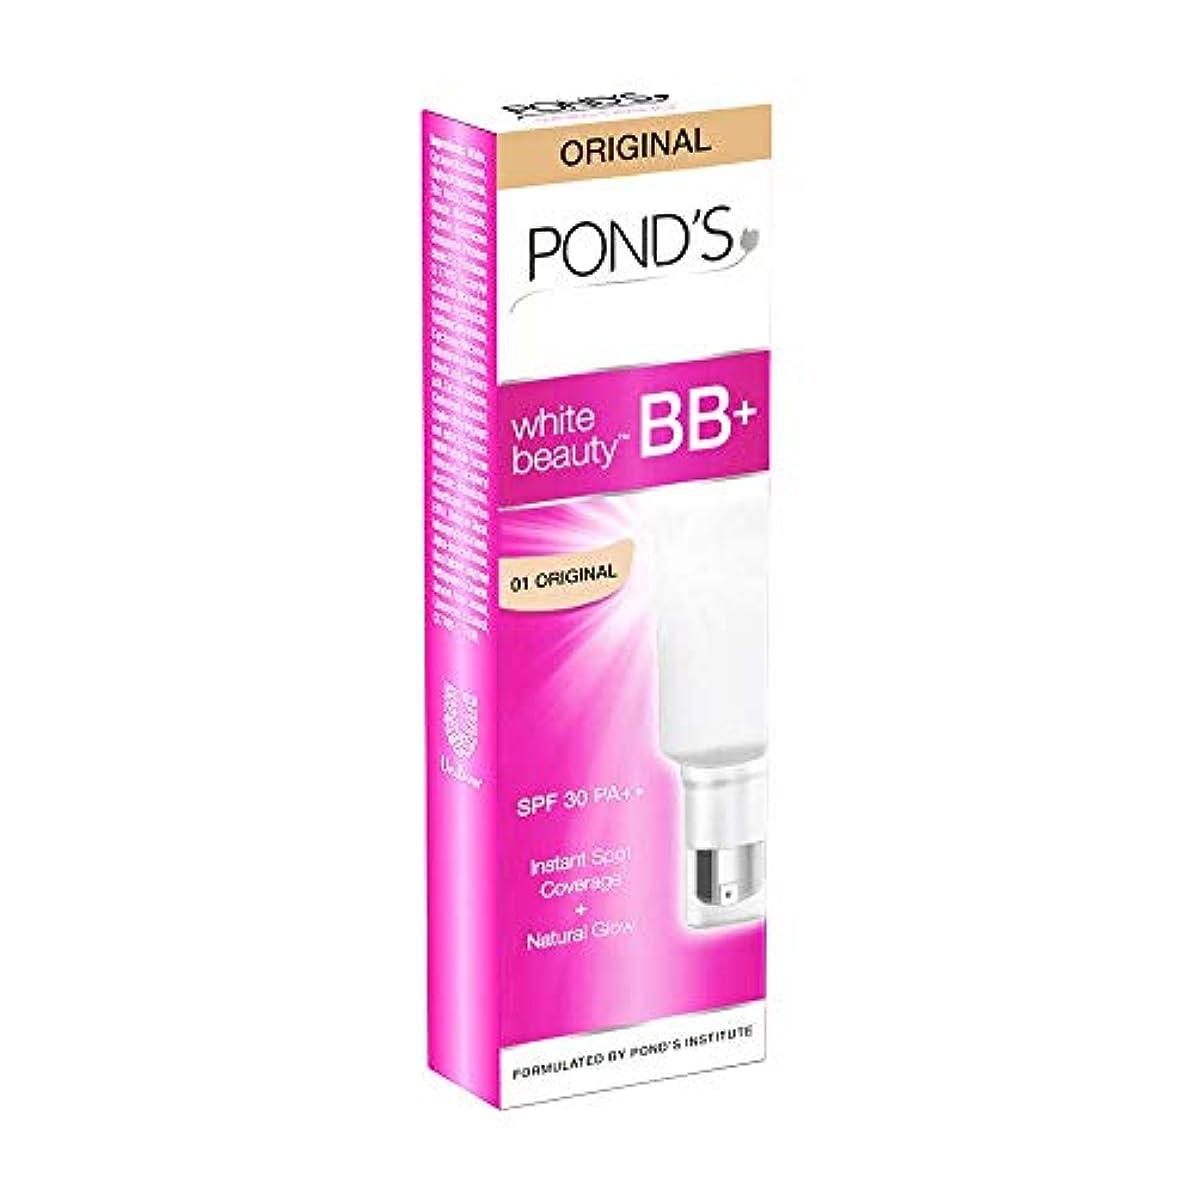 債務必要とするを通してPOND'S White Beauty All-in-One BB+ Fairness Cream SPF 30 PA++, 18g (Pack of 3)